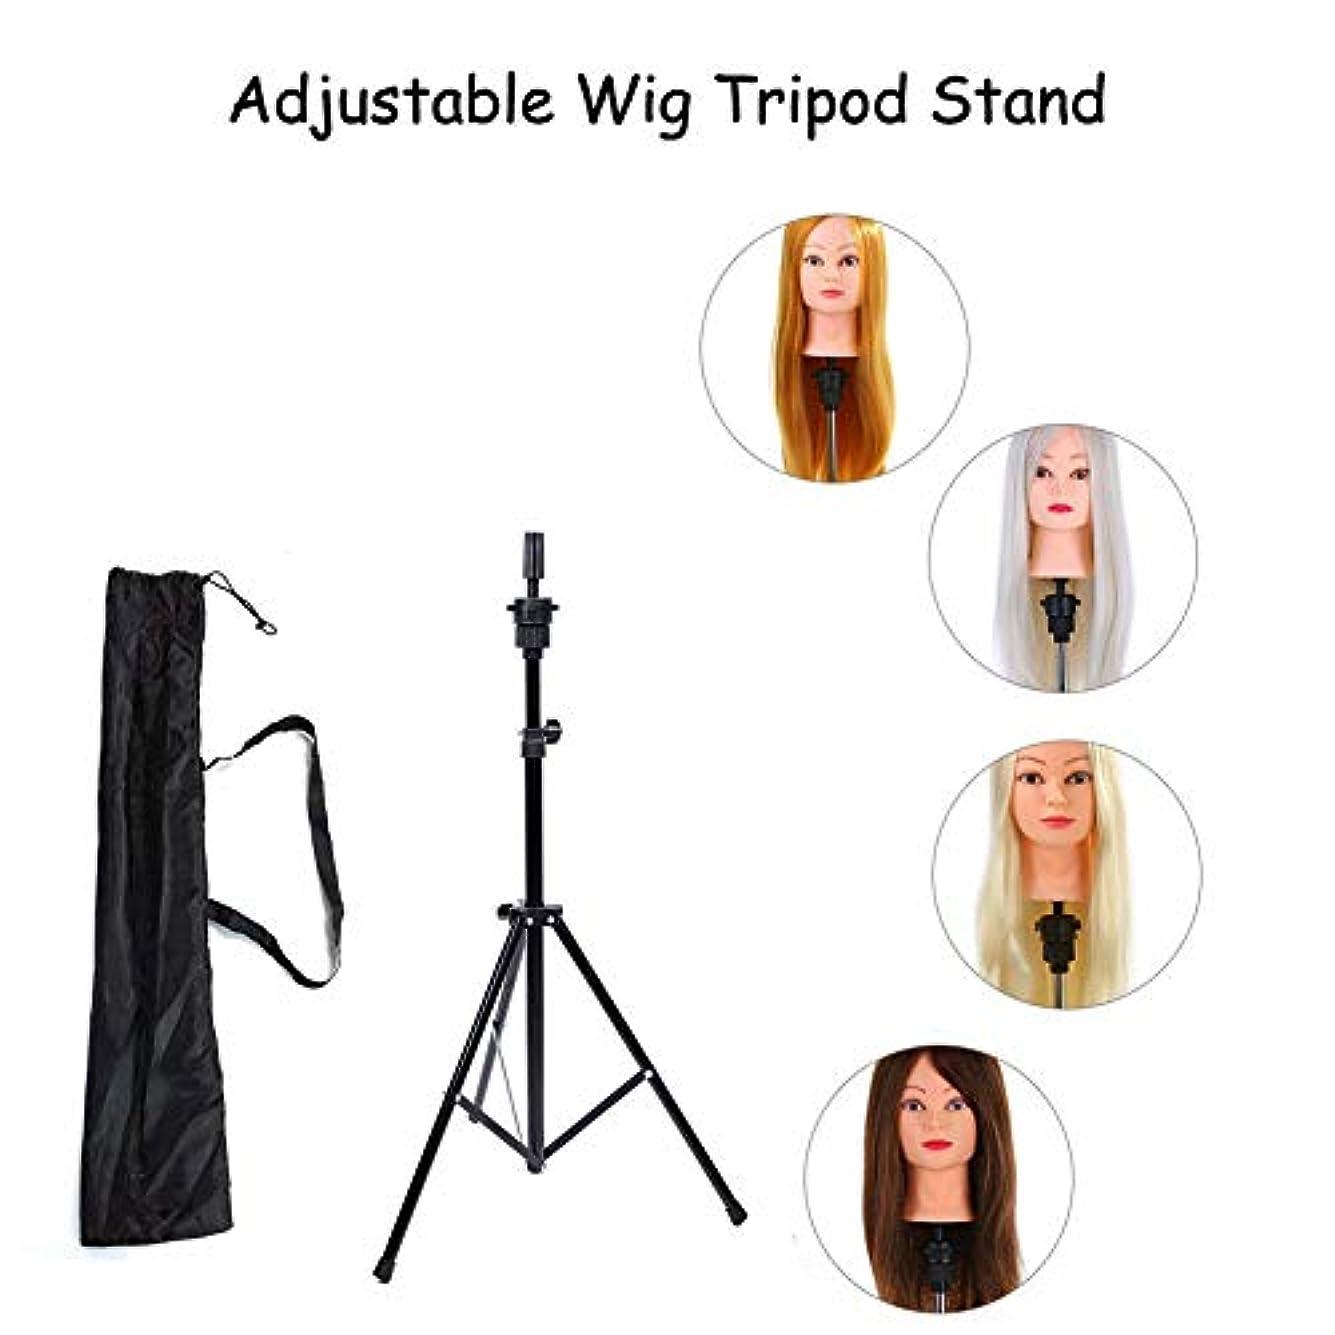 ほぼしてはいけません回復マネキンウィッグヘッド三脚スタンド調節可能な美容トレーニング人形ヘッドホルダー用理髪かつらスタンド付きキャリーバッグ